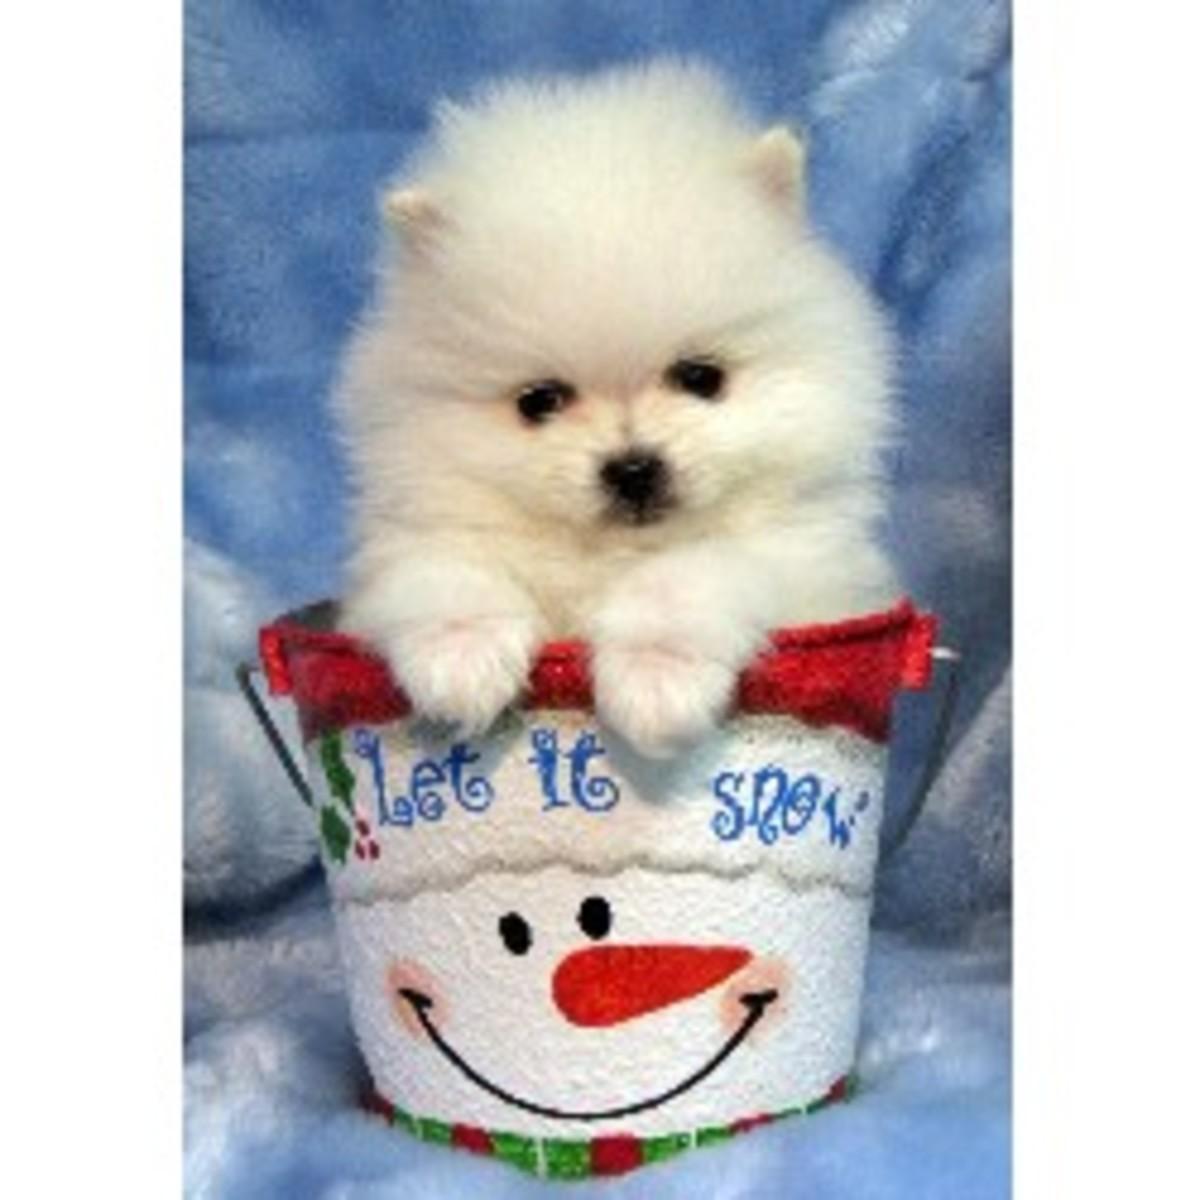 A Tiny Maltese Puppy